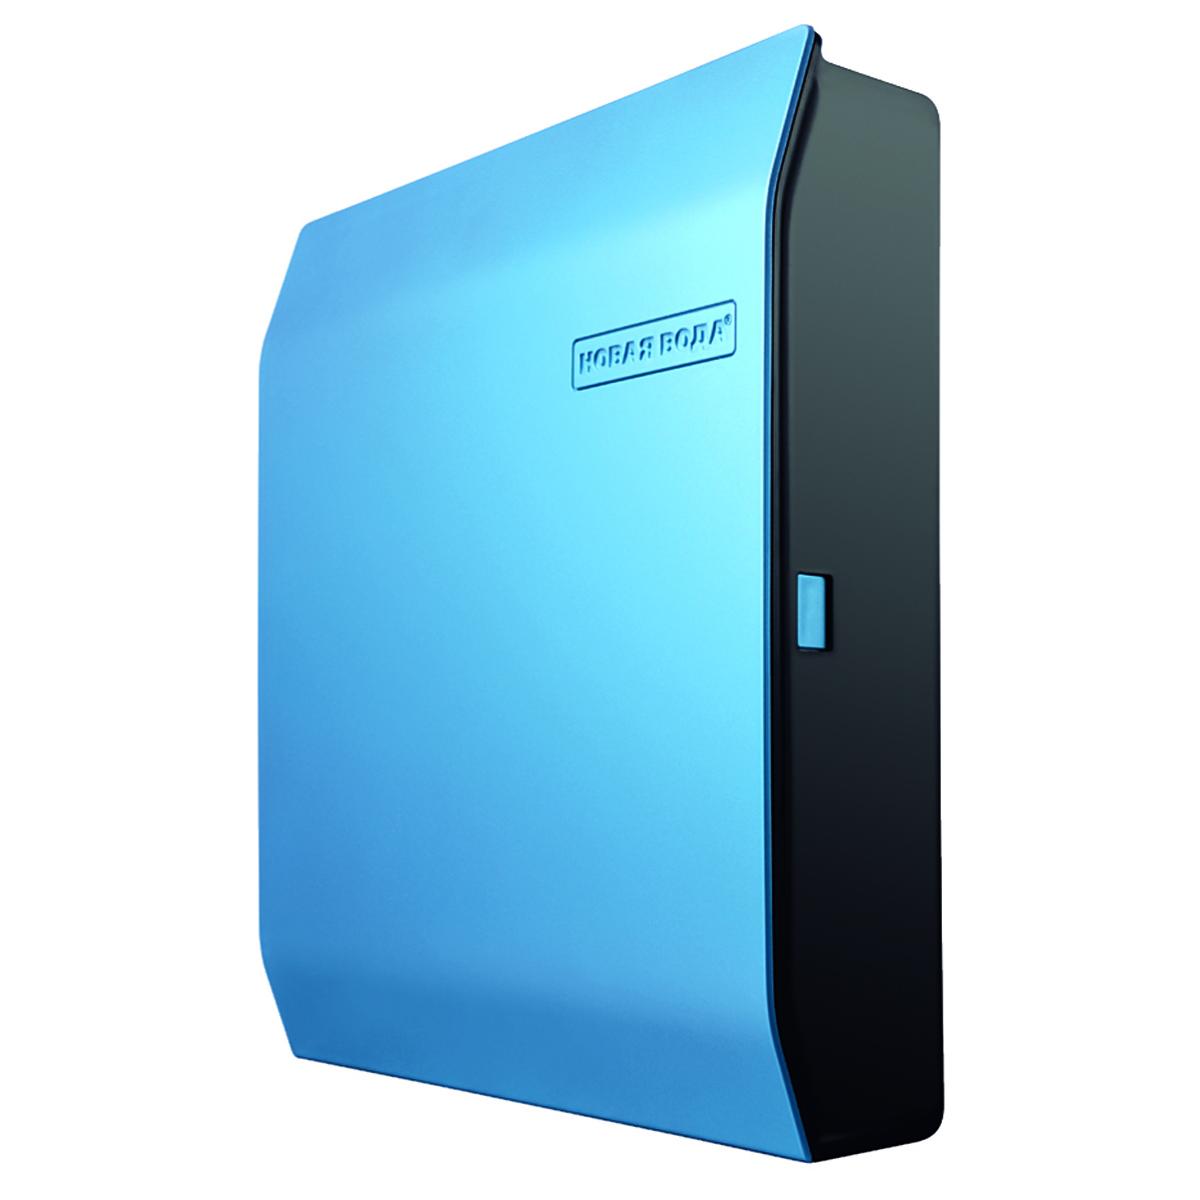 Фильтр для воды Prio Expert. M312, суперкомпактный 5-ого поколения68/5/2Тип фильтра: Система под мойку. Фильтры под мойку нового поколения Expert — настоящий прорыв в области очистки воды благодаря совершенному дизайну, быстросъемным картриджам и инновационным технологиям очистки воды.Многоступенчатые системы Expert занимают на 50% меньше места, чем традиционные системы, они имеют тонкий корпус — всего 8,5 см — и обладают ультрасовременным дизайном.Это позволяет:- разместить фильтр под мойкой, не занимая при этом много места- быть уверенным в том, что фильтр не будет поврежден при размещении под мойкой посуды и хоз.принадлежностей (например, мусорного ведра)- разместить фильтр на открытом пространстве над, либо рядом с мойкой, восхищая гостей превосходным дизайном системы и облегчая доступ к ней при смене картриджей- устанавливать фильтр горизонтально (например, закрепляя к верхней части шкафа под мойкой), делая его практически незаметнымИспользование: очистка от механических примесей (ржавчины, ила, песка и т.п.), растворенных примесей, таких как свободного хлора, хлорорганических соединений, пестицидов, гербицидов, сельскохозяйственных удобрений и продуктов их распада, фенолов, нефтепродуктов, алюминия, тяжелых металлов, радиоактивных элементов, солей жесткости и иных органических и неорганических веществ. Предназначение: Для регионов с водой, характеризующейся повышенным содержанием двухвалентного (растворенного) железа. Эксклюзивная разработка Prio, не имеющая аналогов - использование уникальных картриджей:-отсутствиеголовы, в которой в процессе многолетней эксплуатации могут скапливаться загрязнение - гарантирует Вам кристально чистую воду даже через 10 лет эксплуатации- только у фильтров Expert картриджи имеют вход и выход на противоположных концах картриджа - вкупе с фирменной технологией Invortex (движение воды внутри фильтра по спирали) это не только повышает качество очистки, но и увеличивает ресурс картриджа до 2х раз по сравнению с традиционными системам